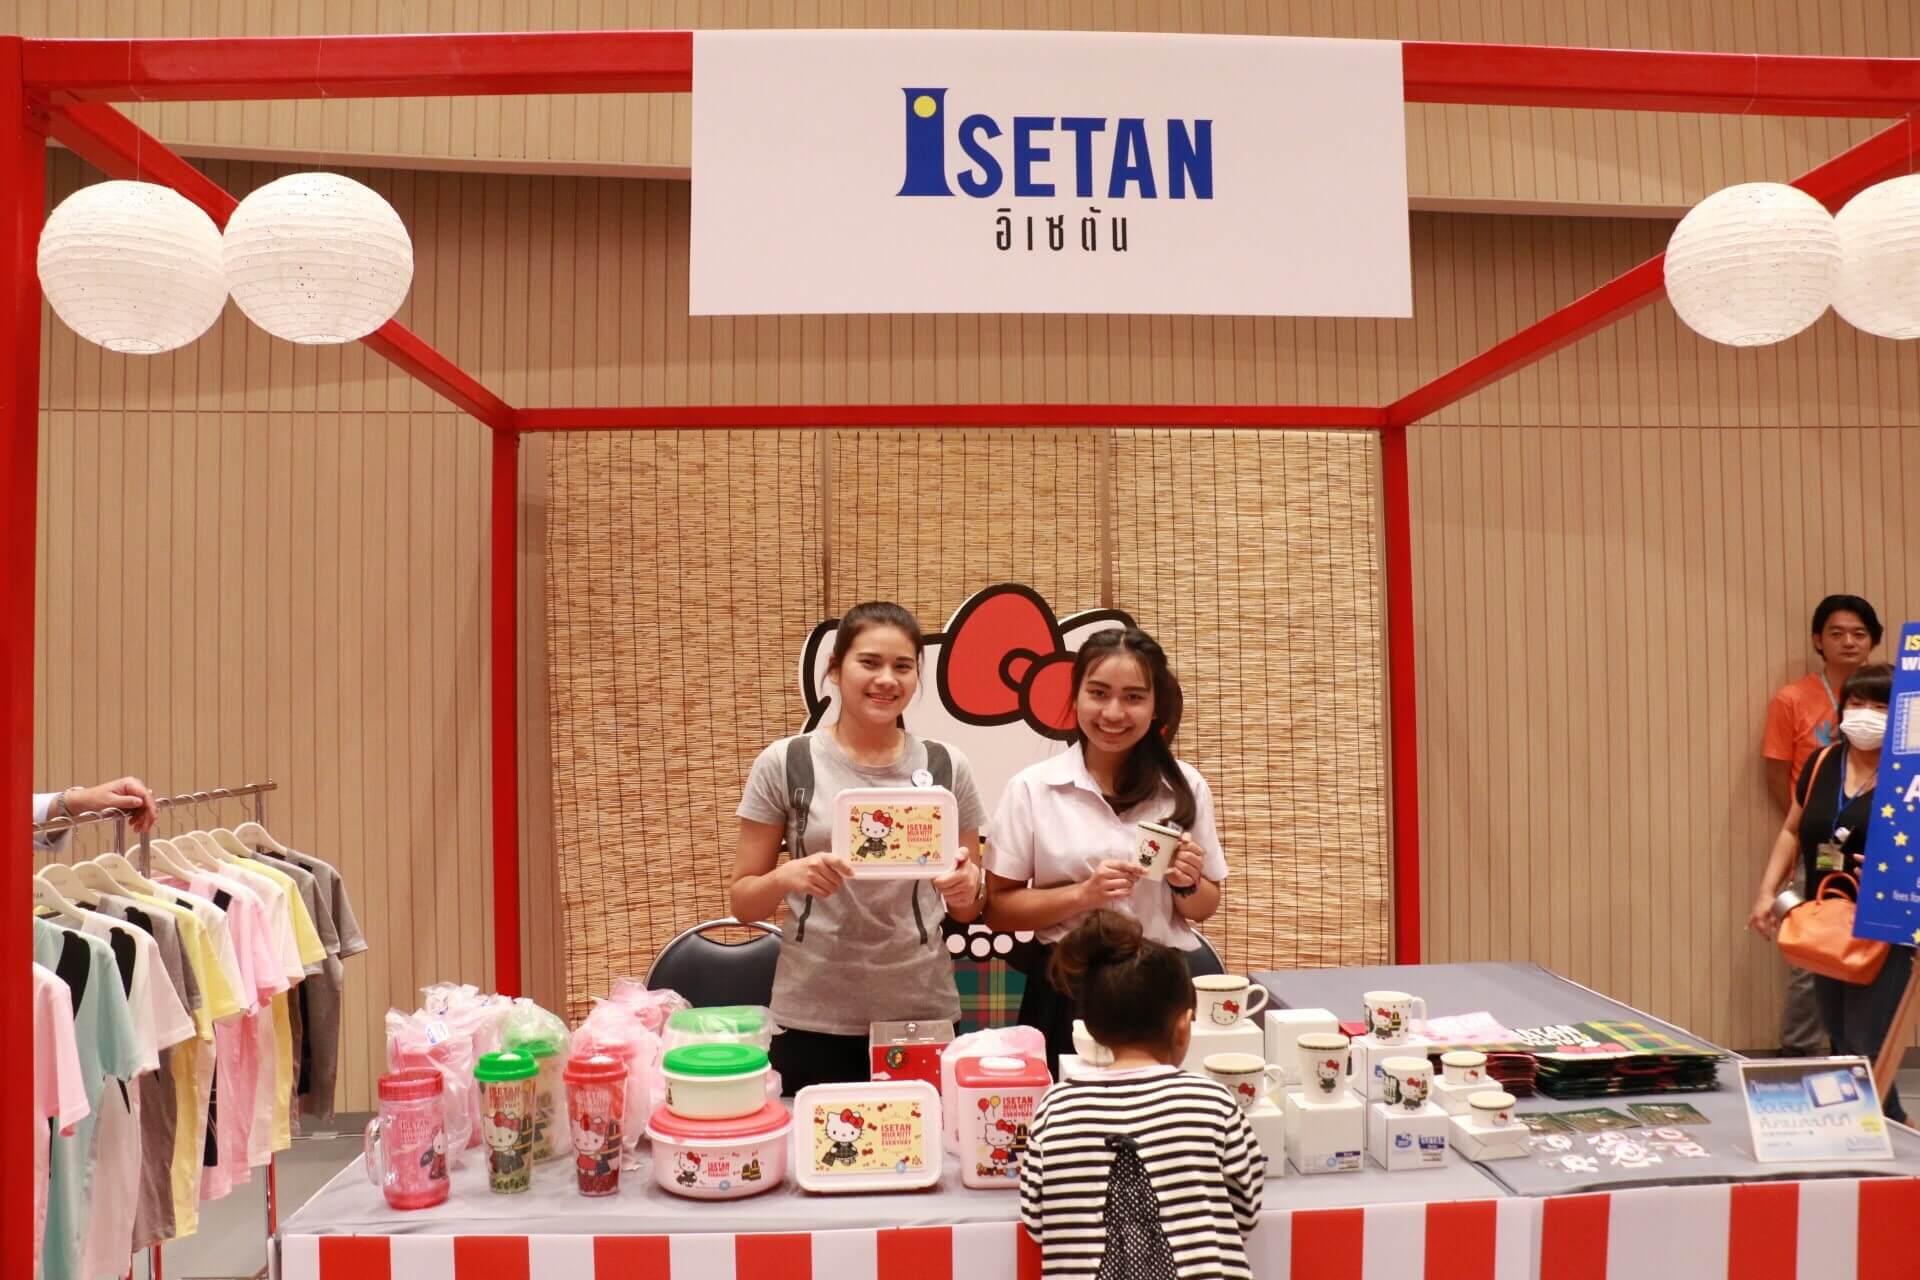 Booth Isetan